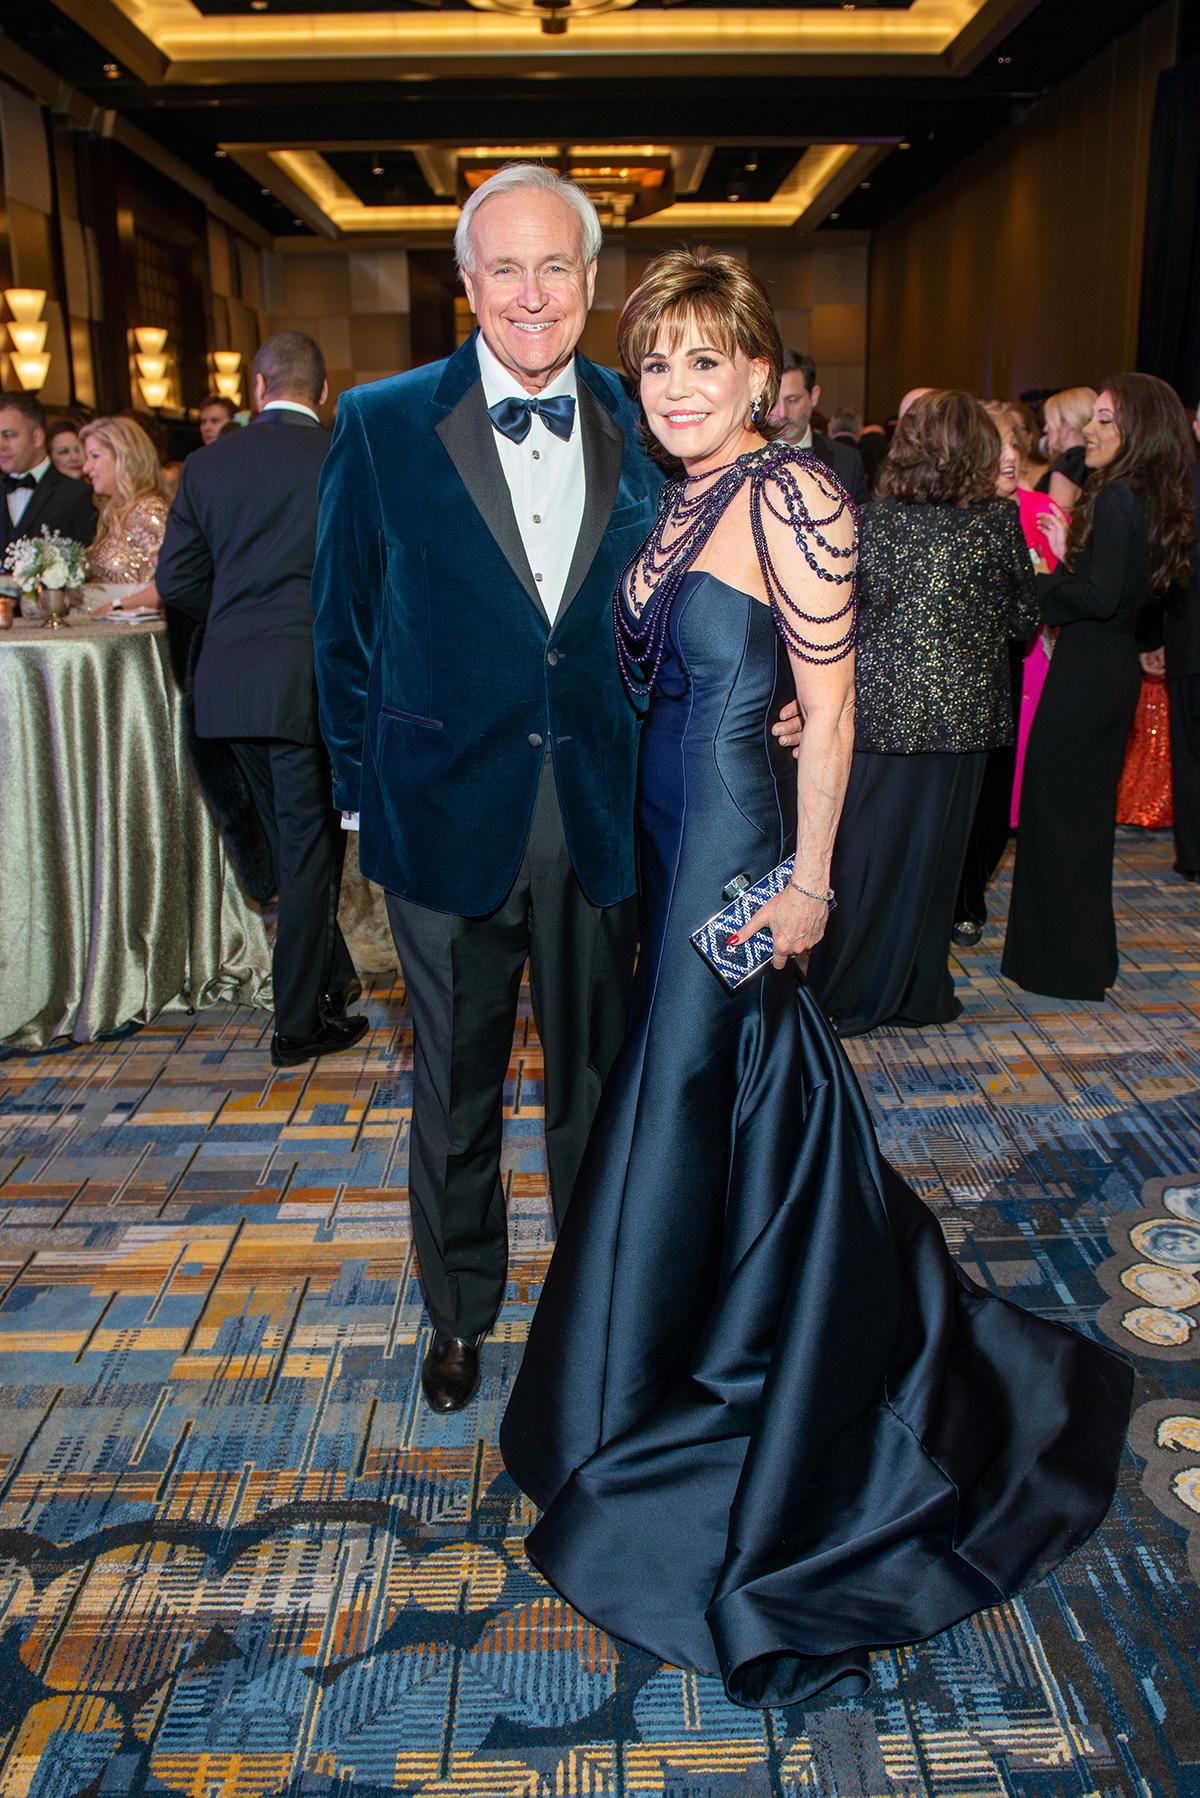 Bill King and Hallie Vanderhider